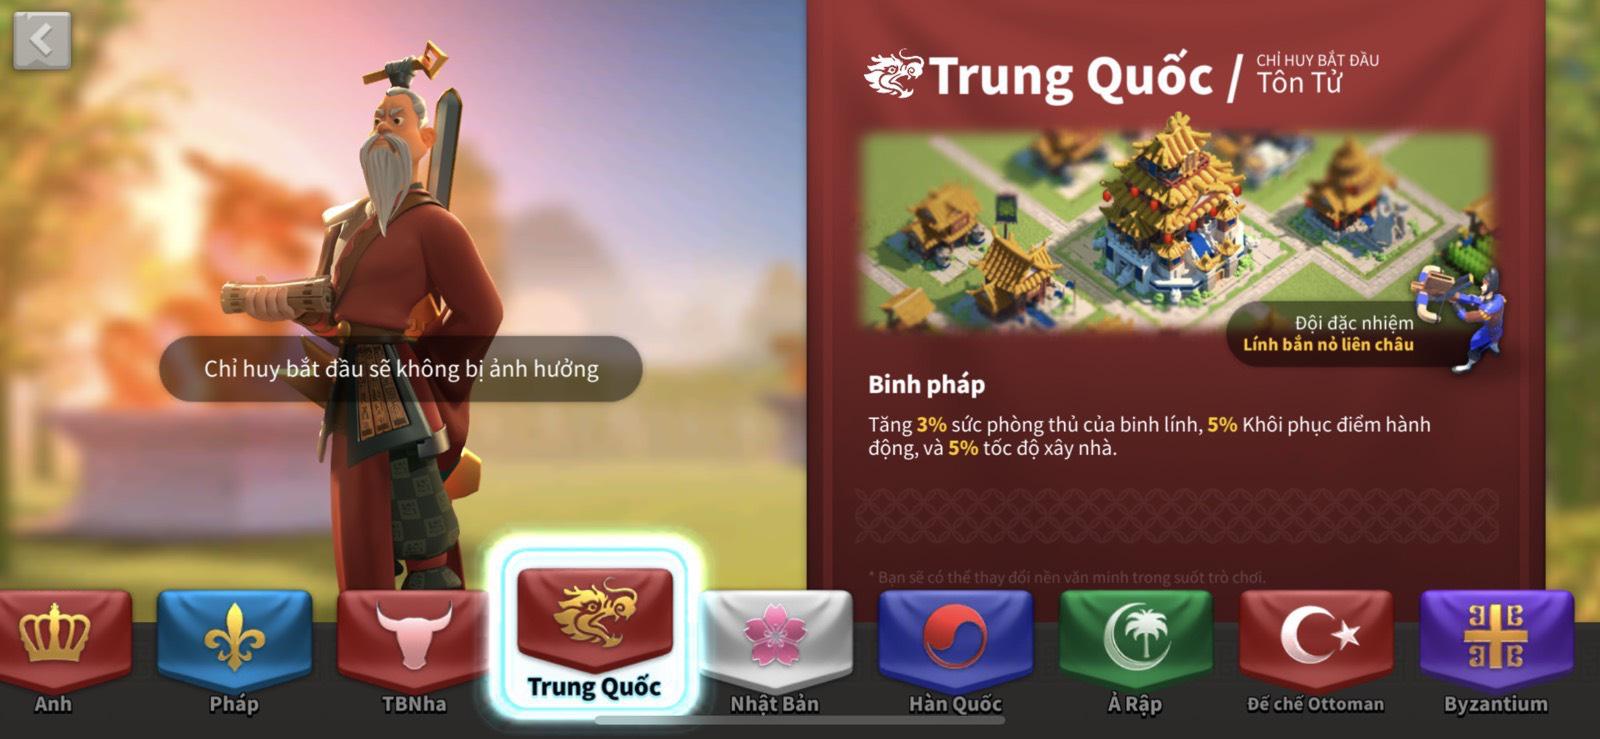 Giới thiệu hai vị tướng mới: Lữ Bố và Điêu Thuyền trong game Rise of Kingdoms - Ảnh 1.